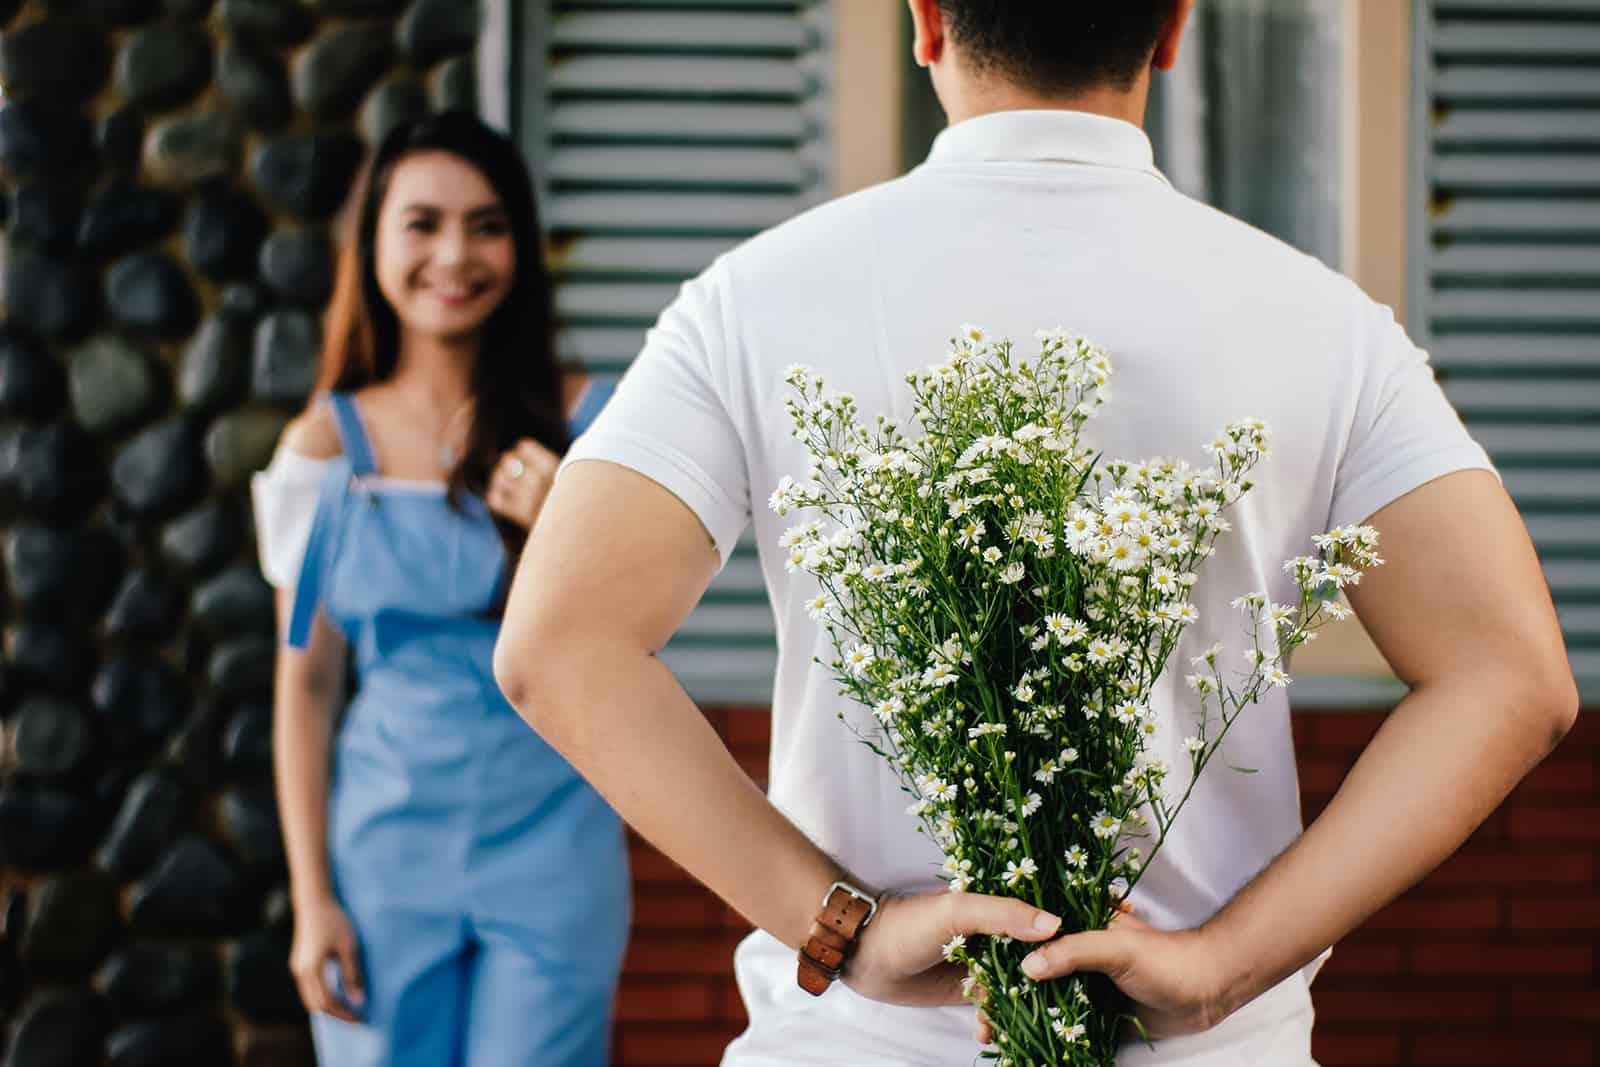 Ein Mann hält Blumen hinter seinem Rücken und steht vor einer lächelnden Frau